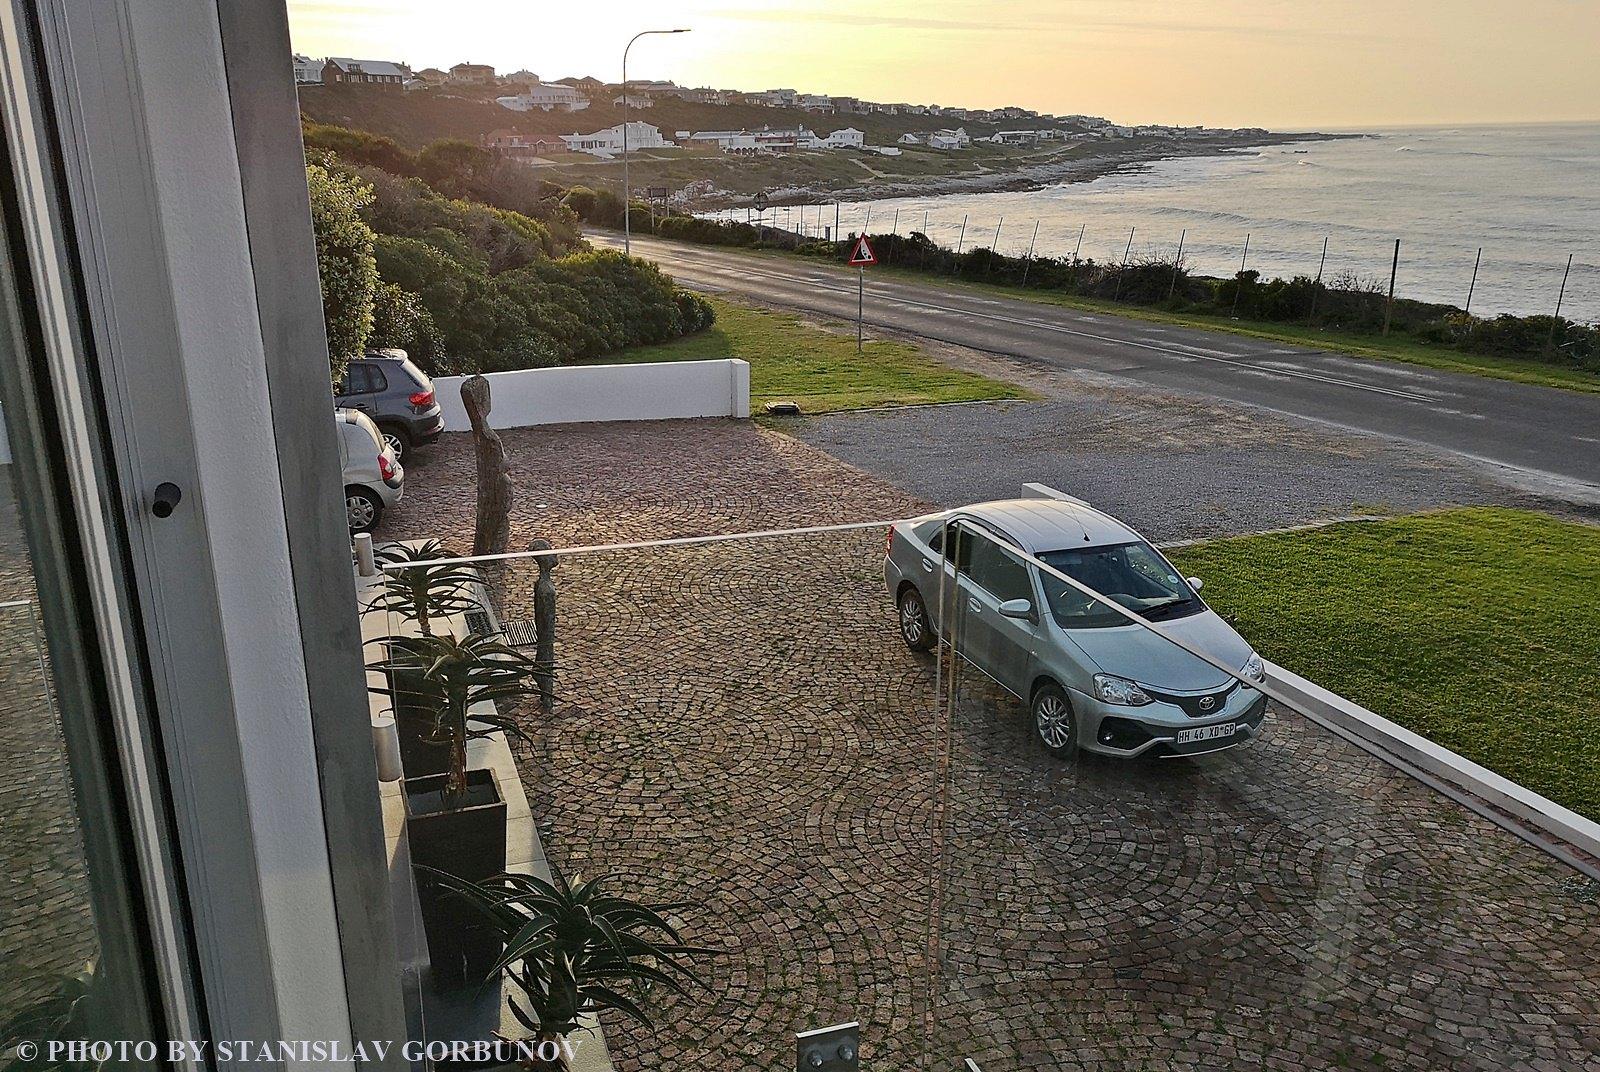 Великолепная девятка гостиниц ЮАР. Это стоит хотя бы один раз увидеть лично! oteli24